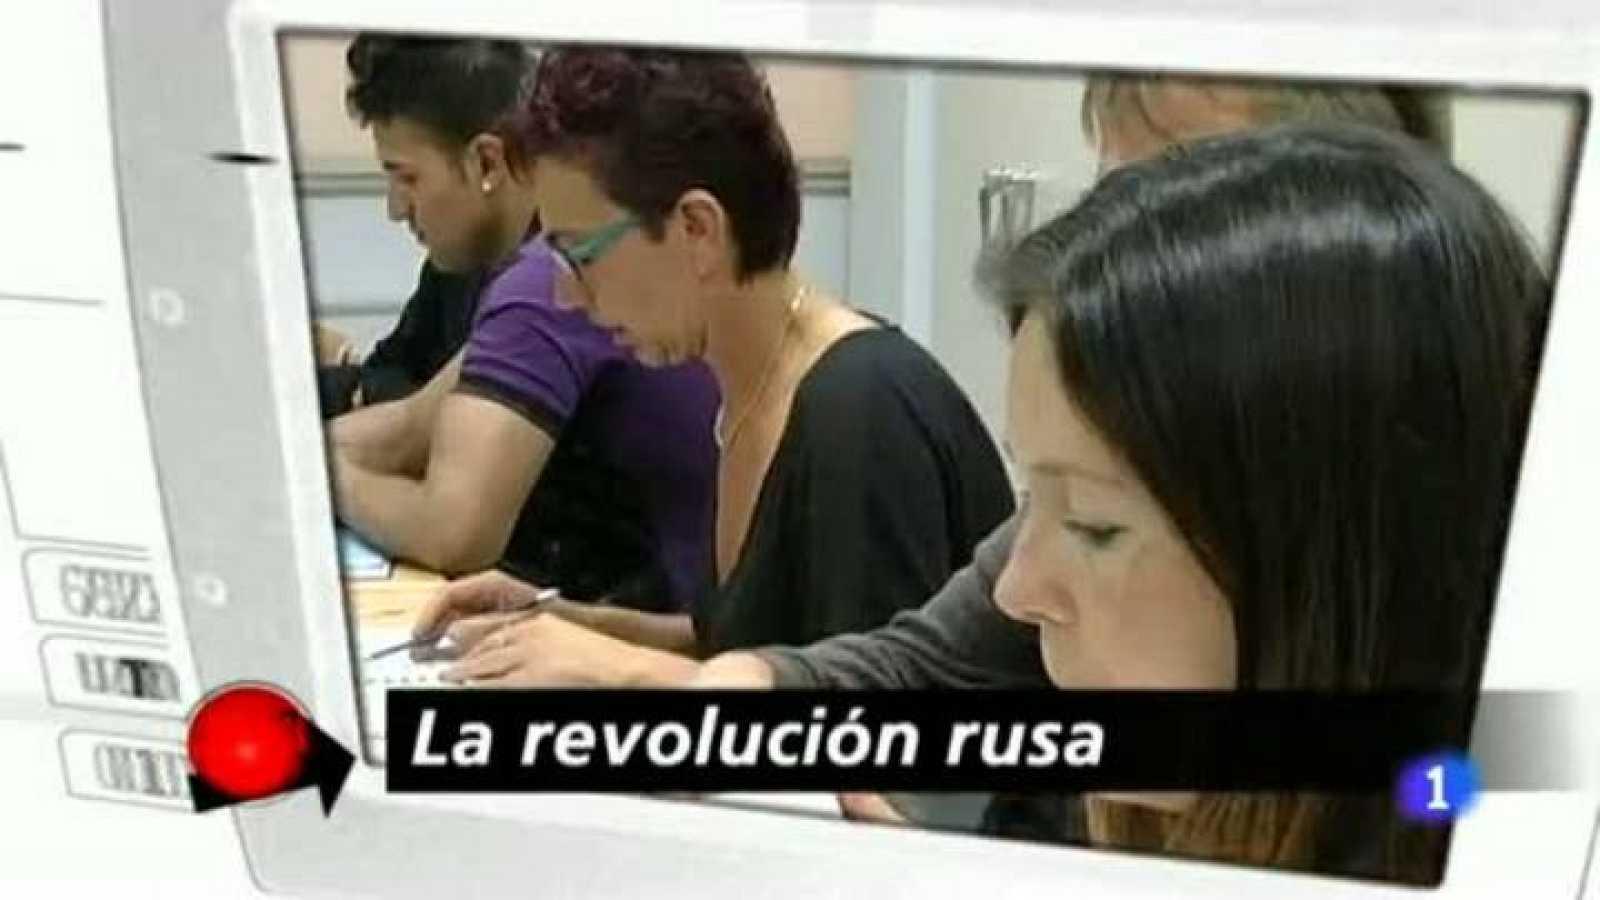 Repor - La revolución rusa - ver ahora